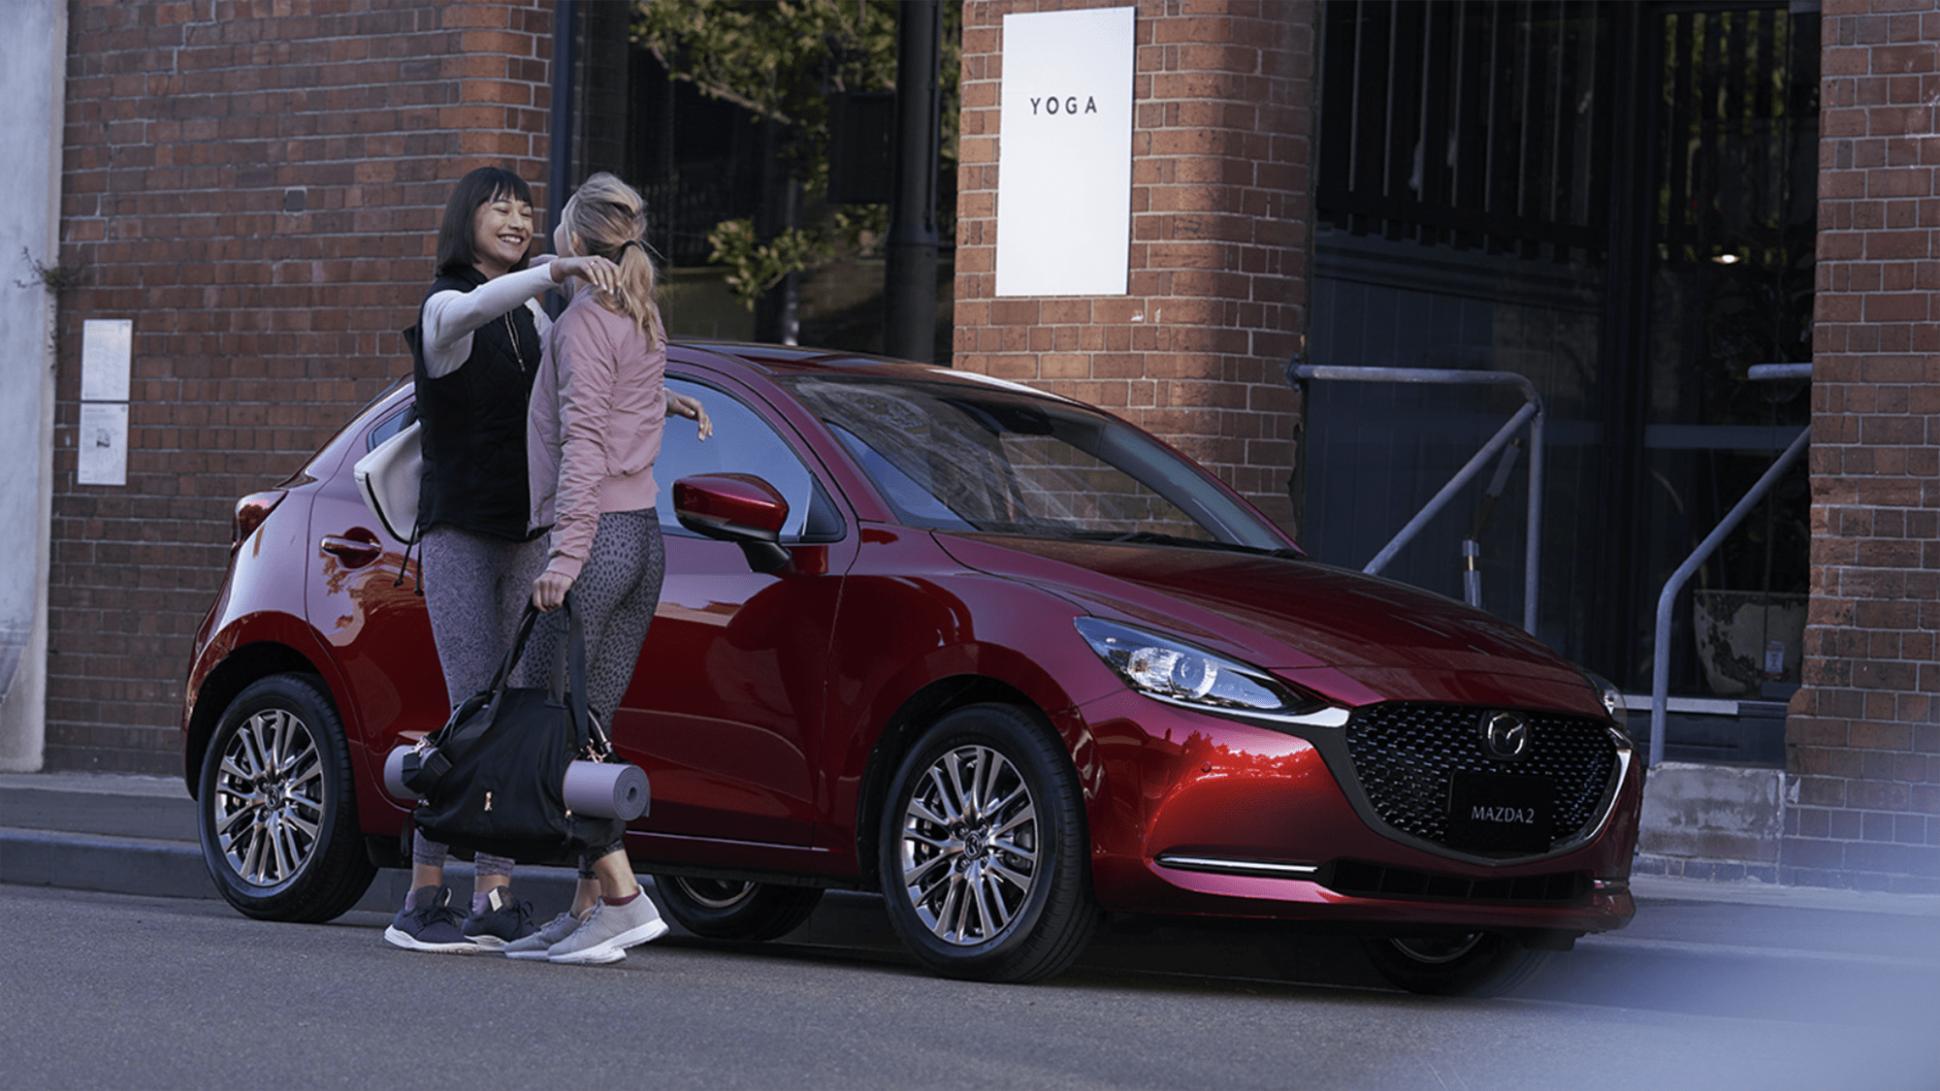 Mazda Demio 2020 Price Design And Review In 2020 Mazda Mazda 3 Hatchback Mazda 2